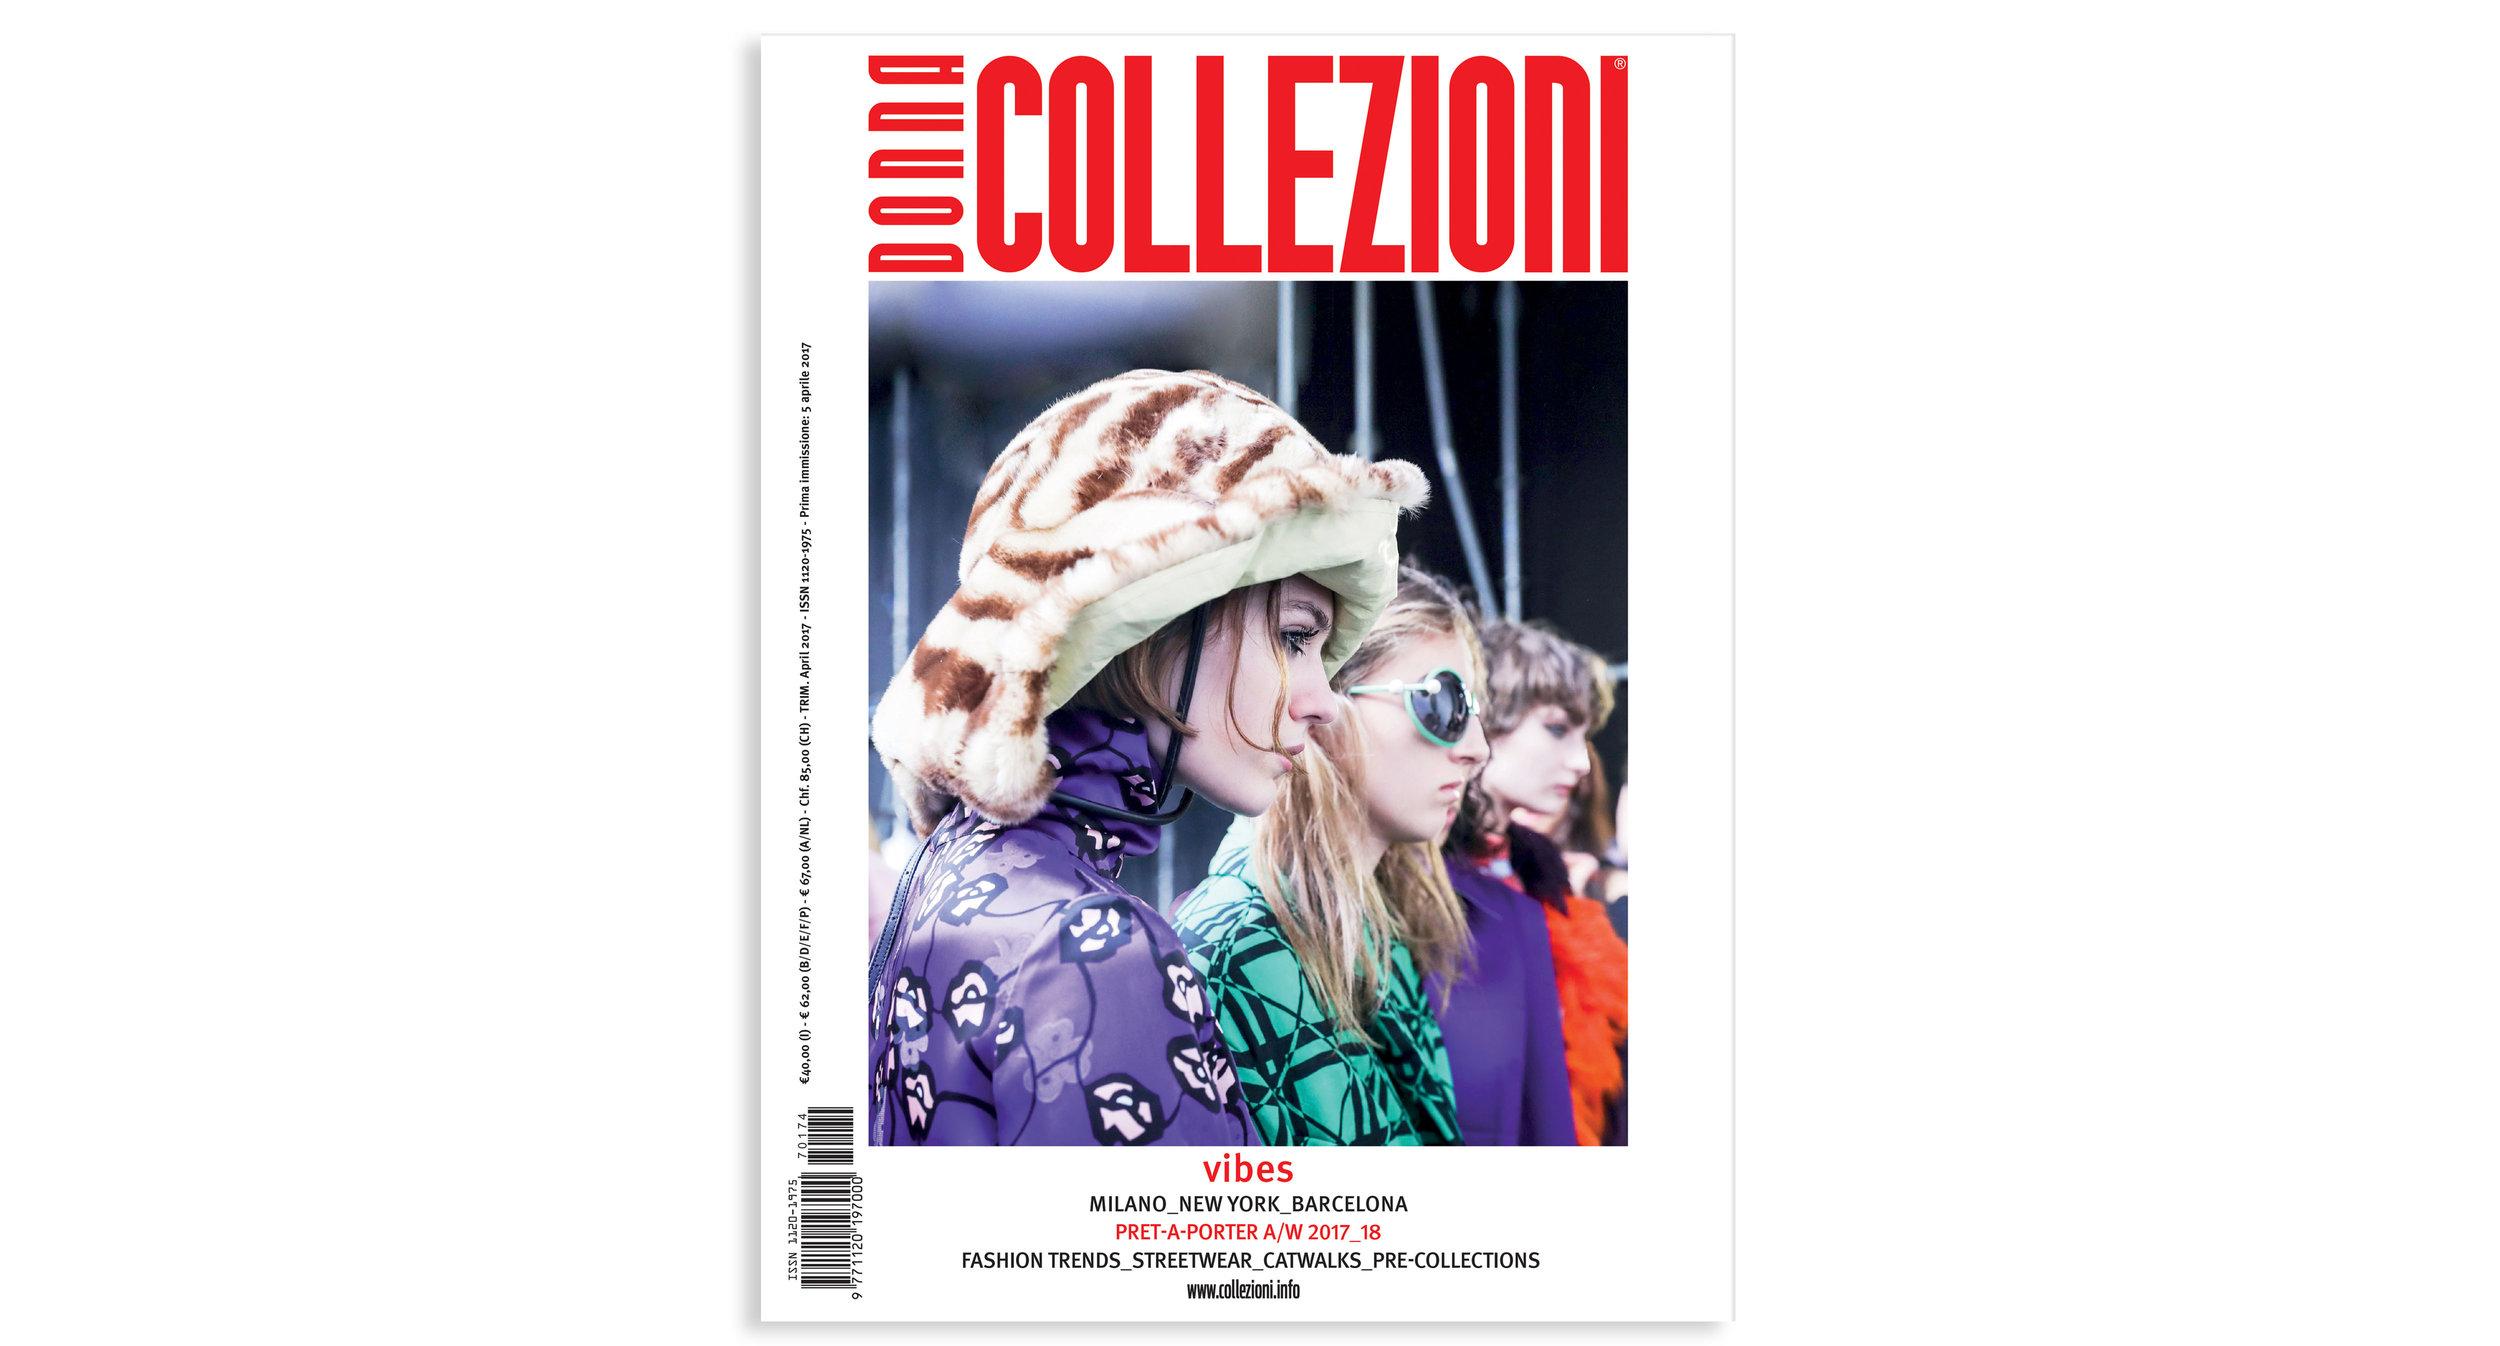 Collezioni-April-2017-COVER web.jpg